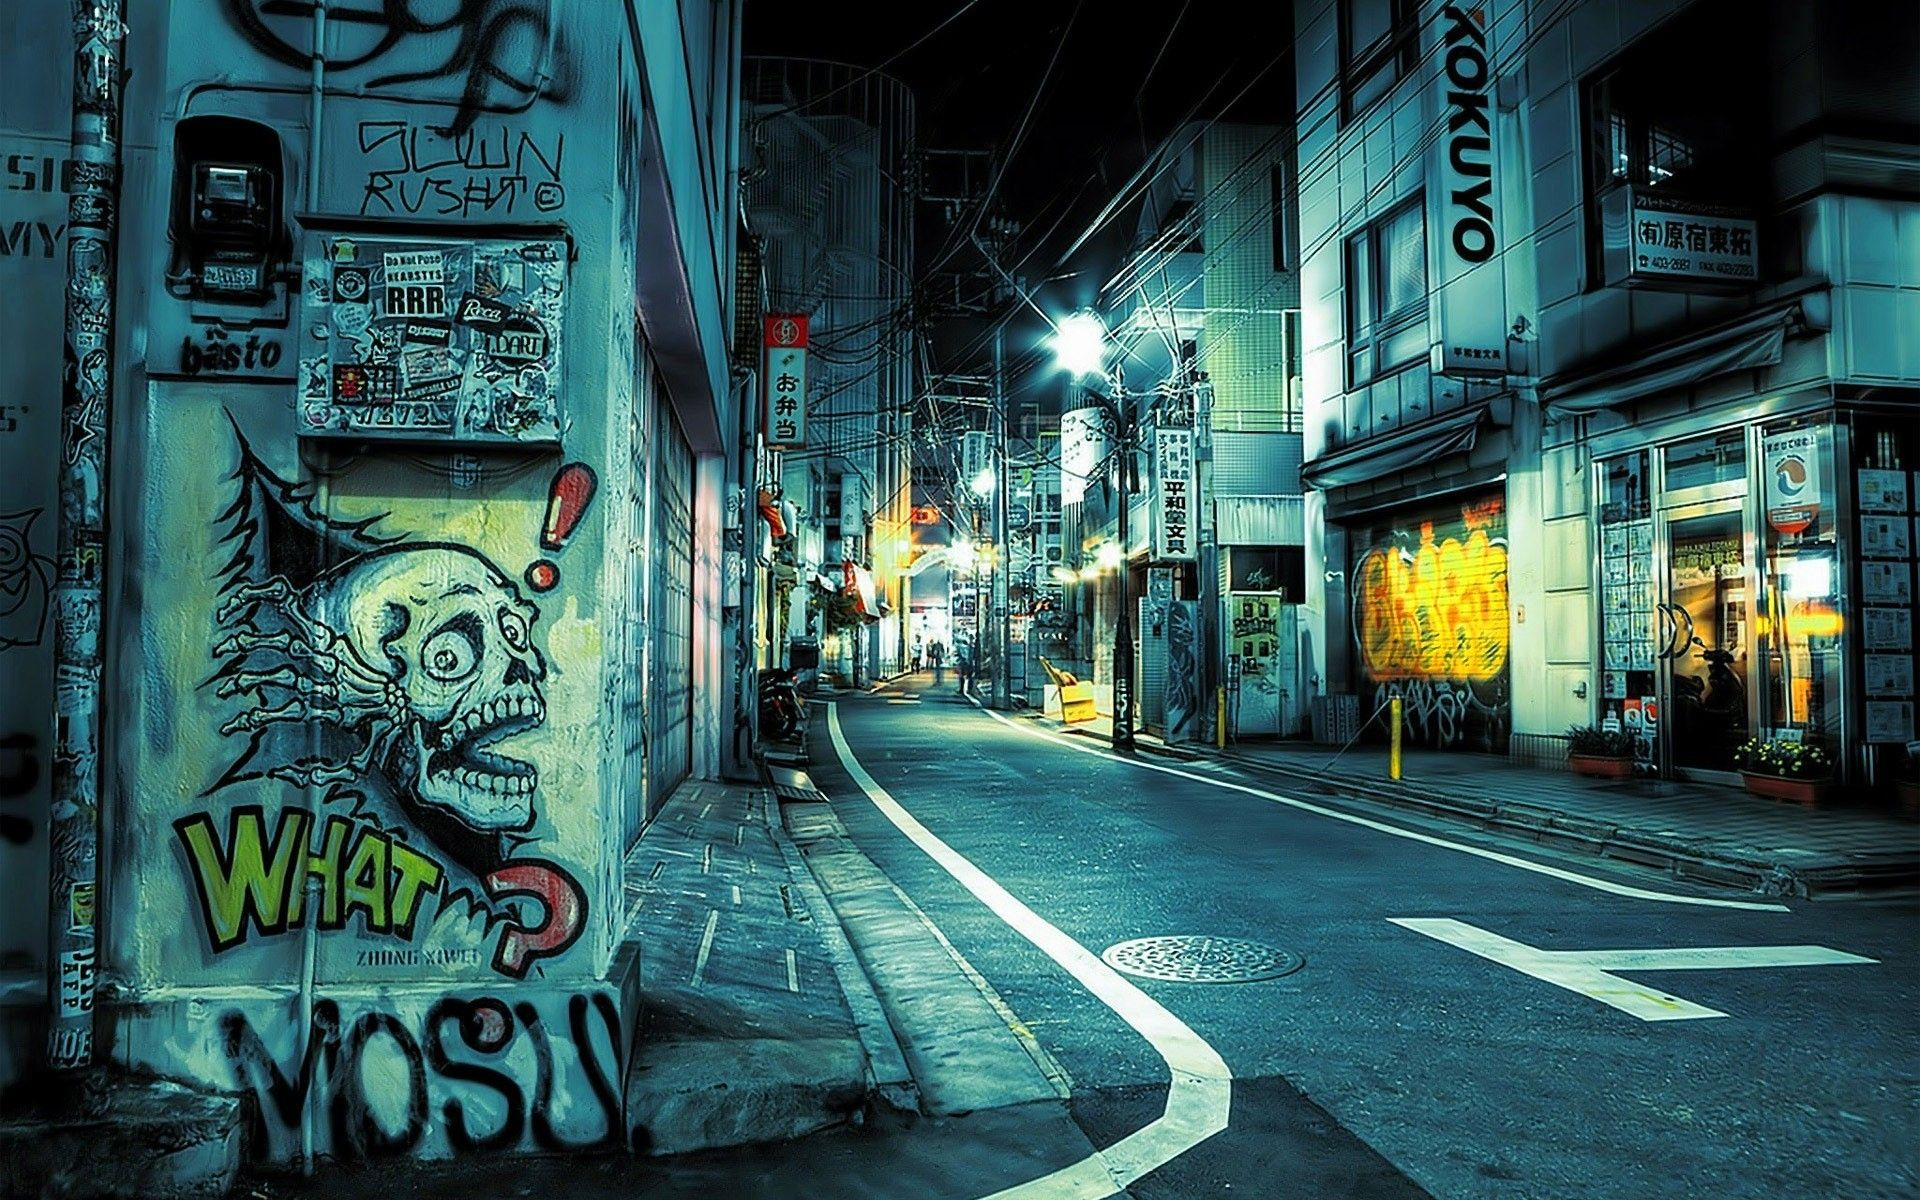 Tokyo Japan Wallpaper Night Urban and modern Japan 1920x1200